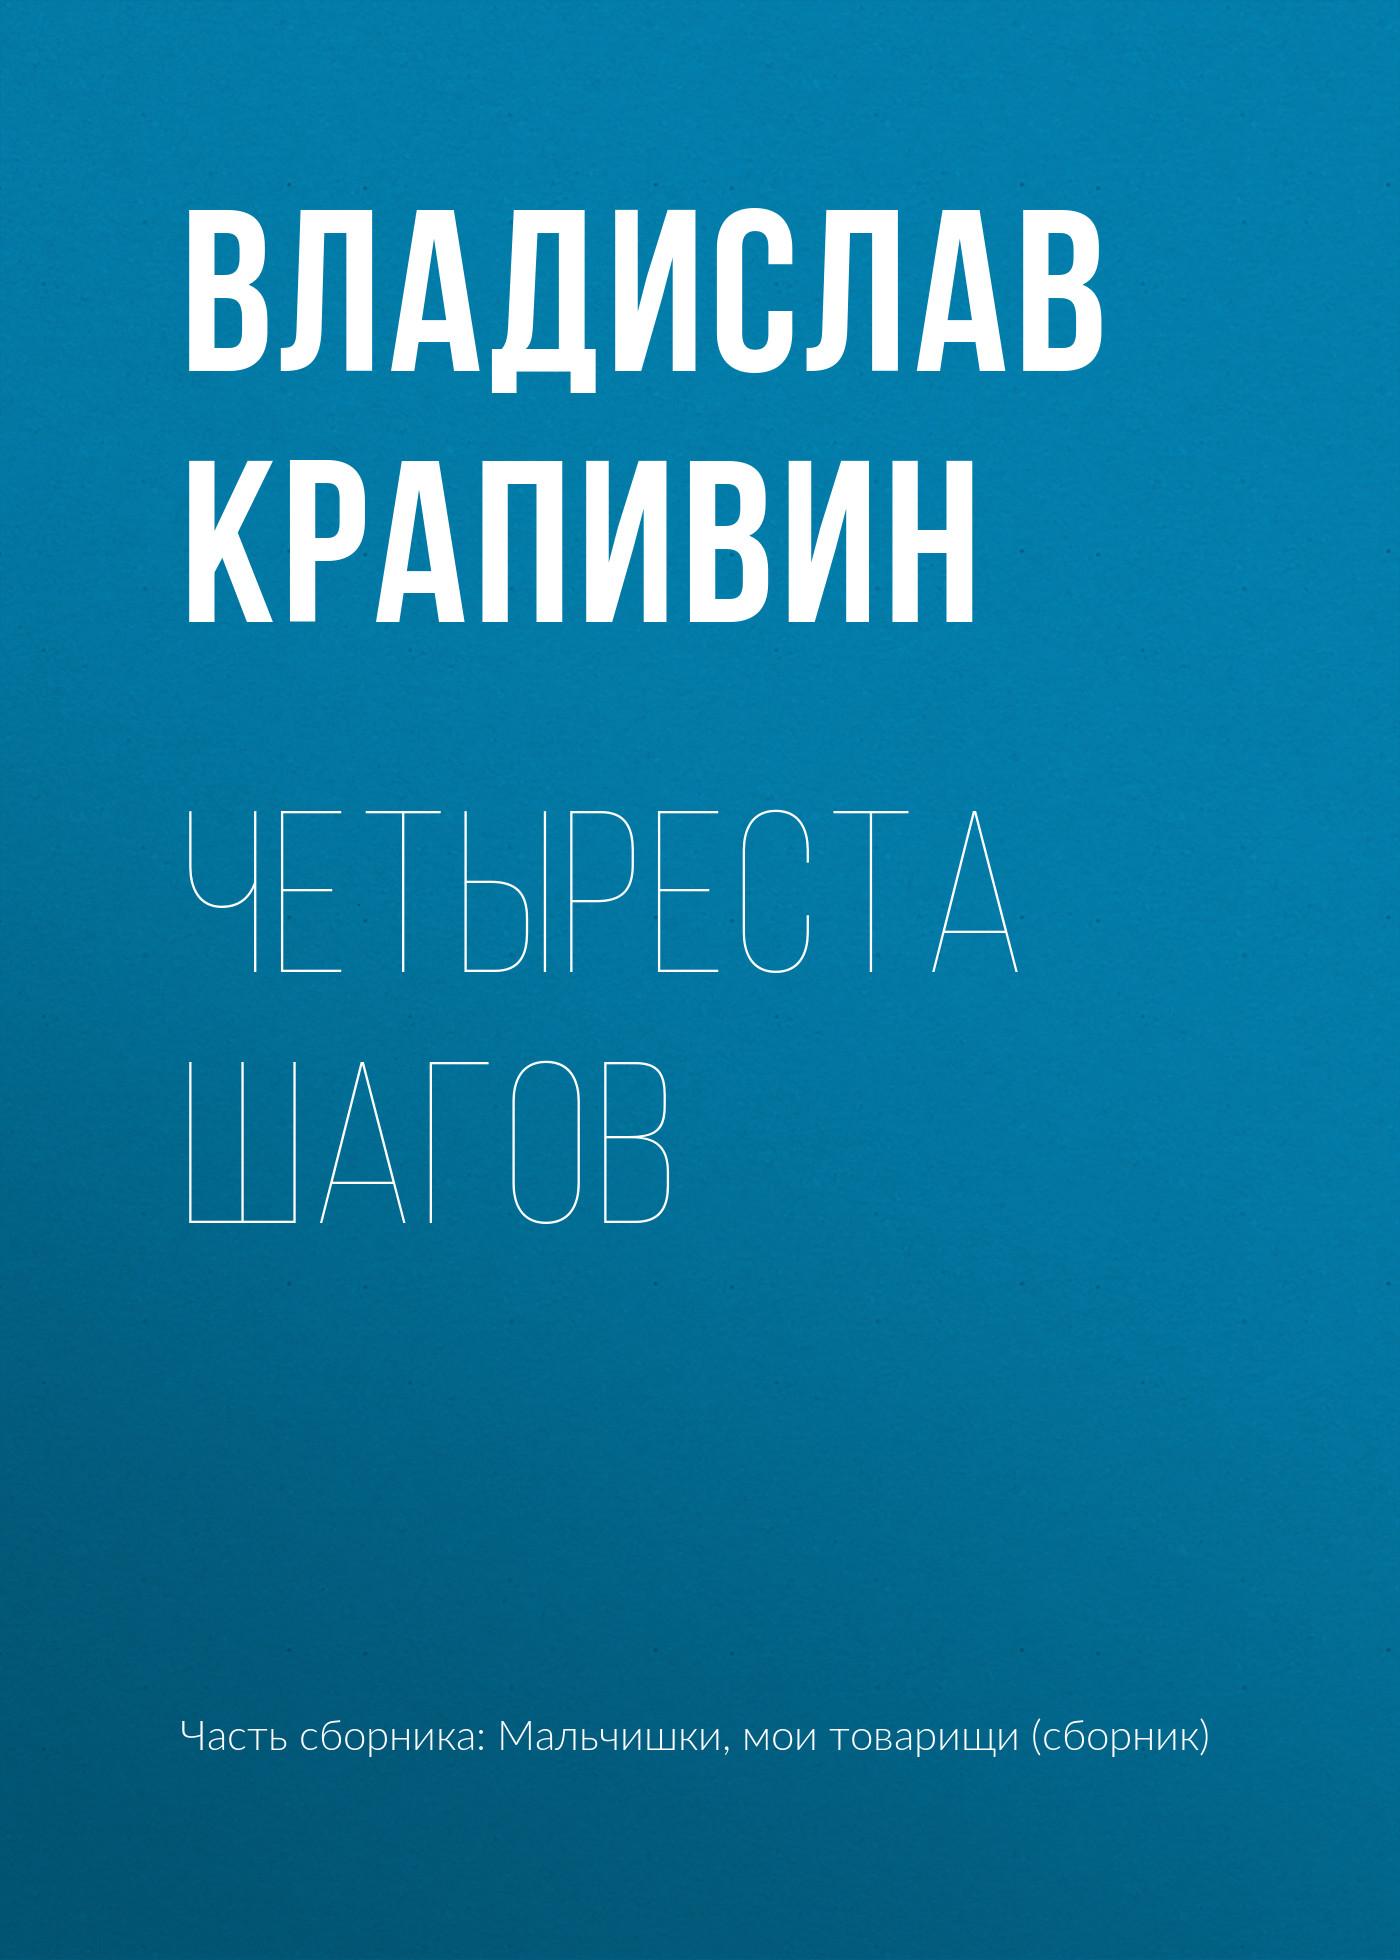 chetyresta shagov